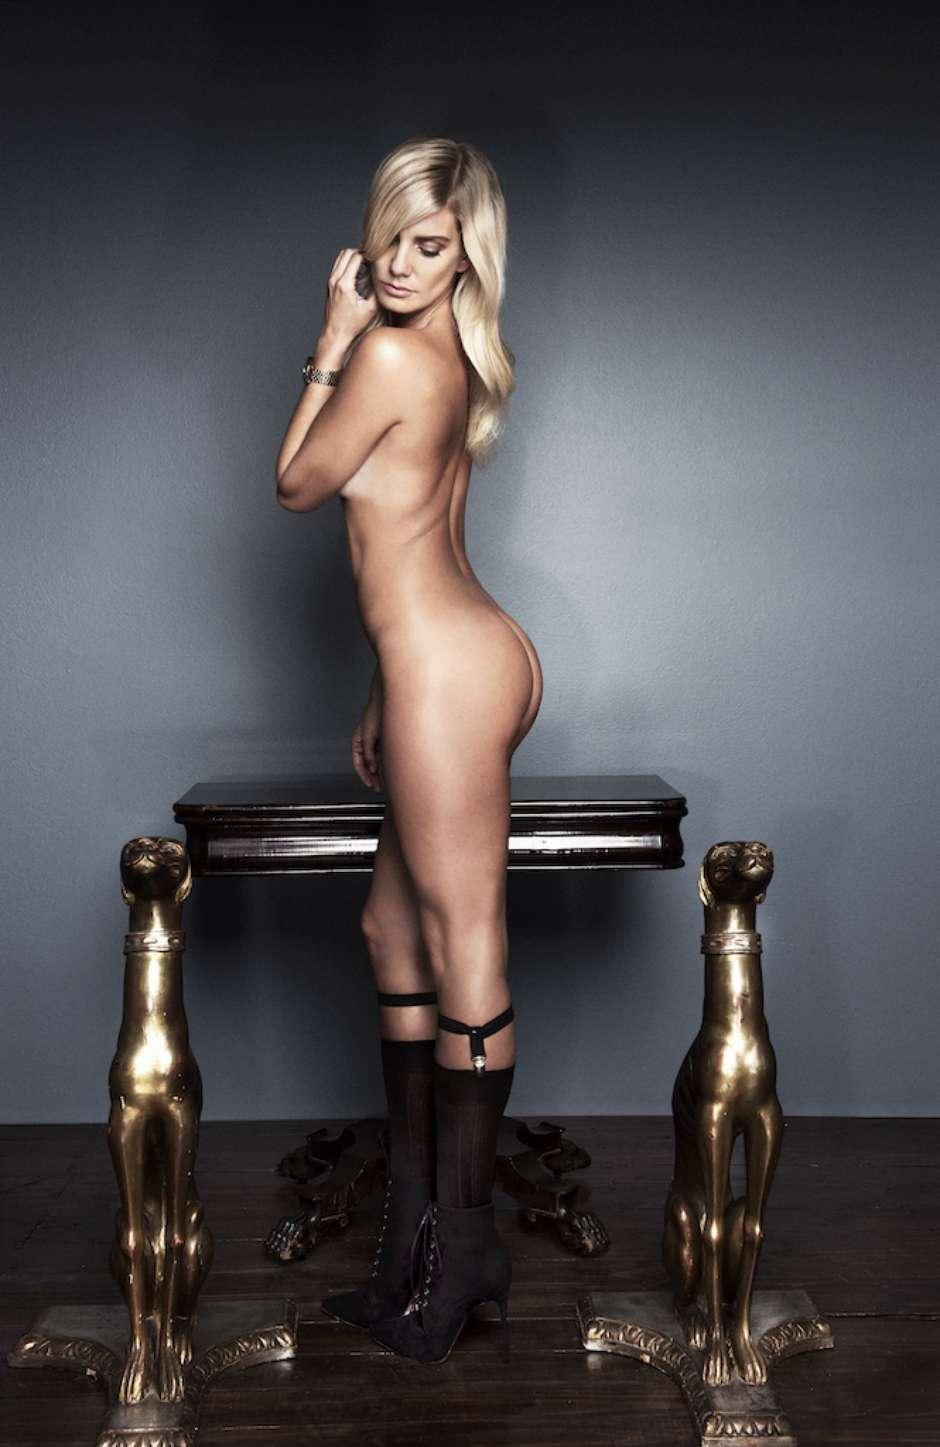 chilena desnudo cl: